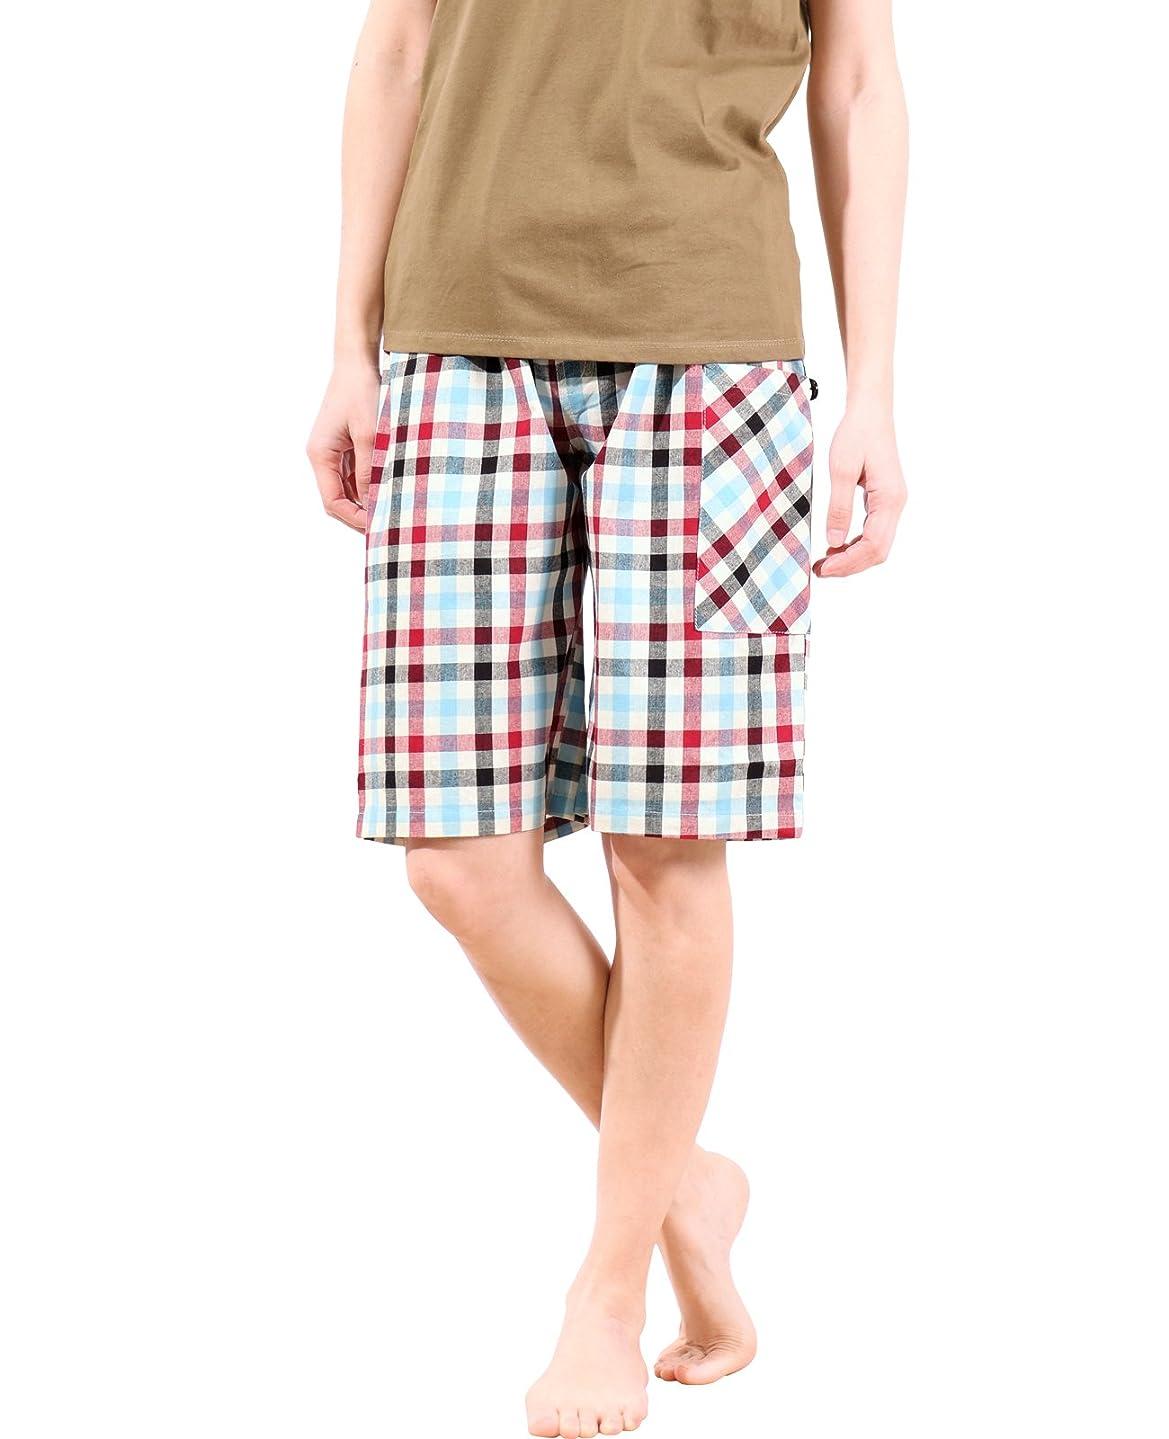 引き出すひねり哀ホットパンツ ショート パンツ セクシー デニムショートパンツ 美脚効果 後ろのポケットがない